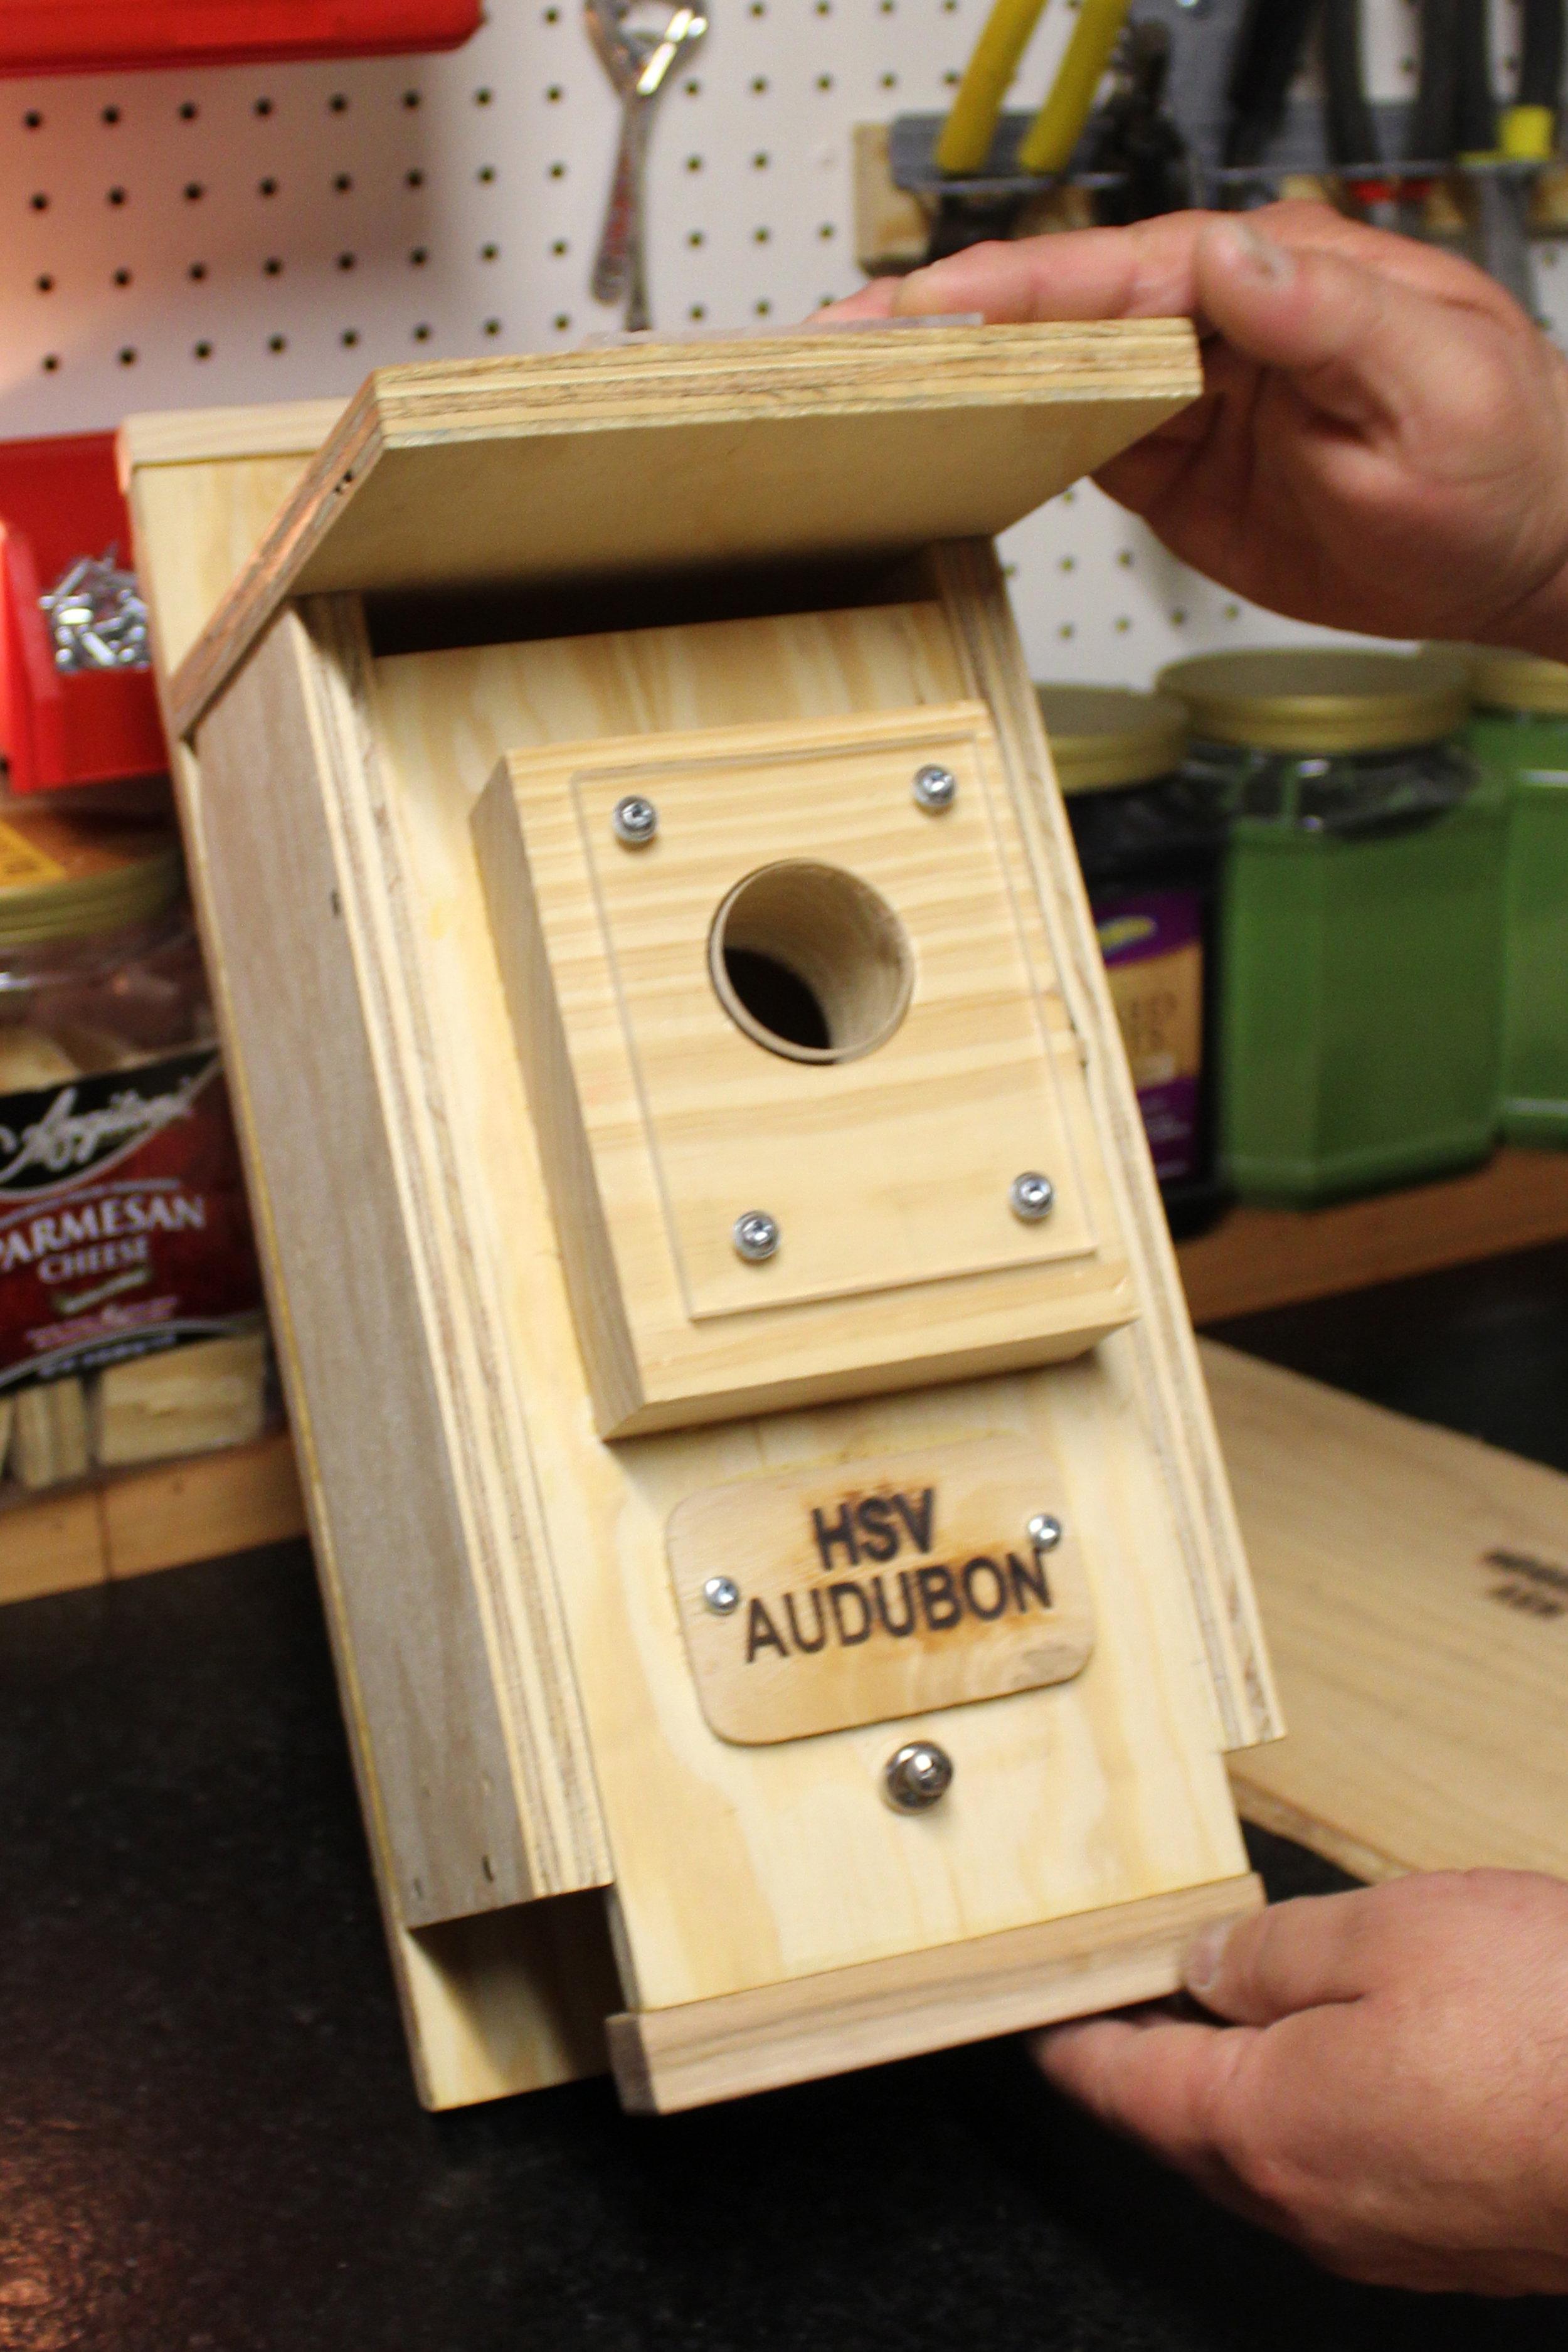 Ad birdbox close1.jpg